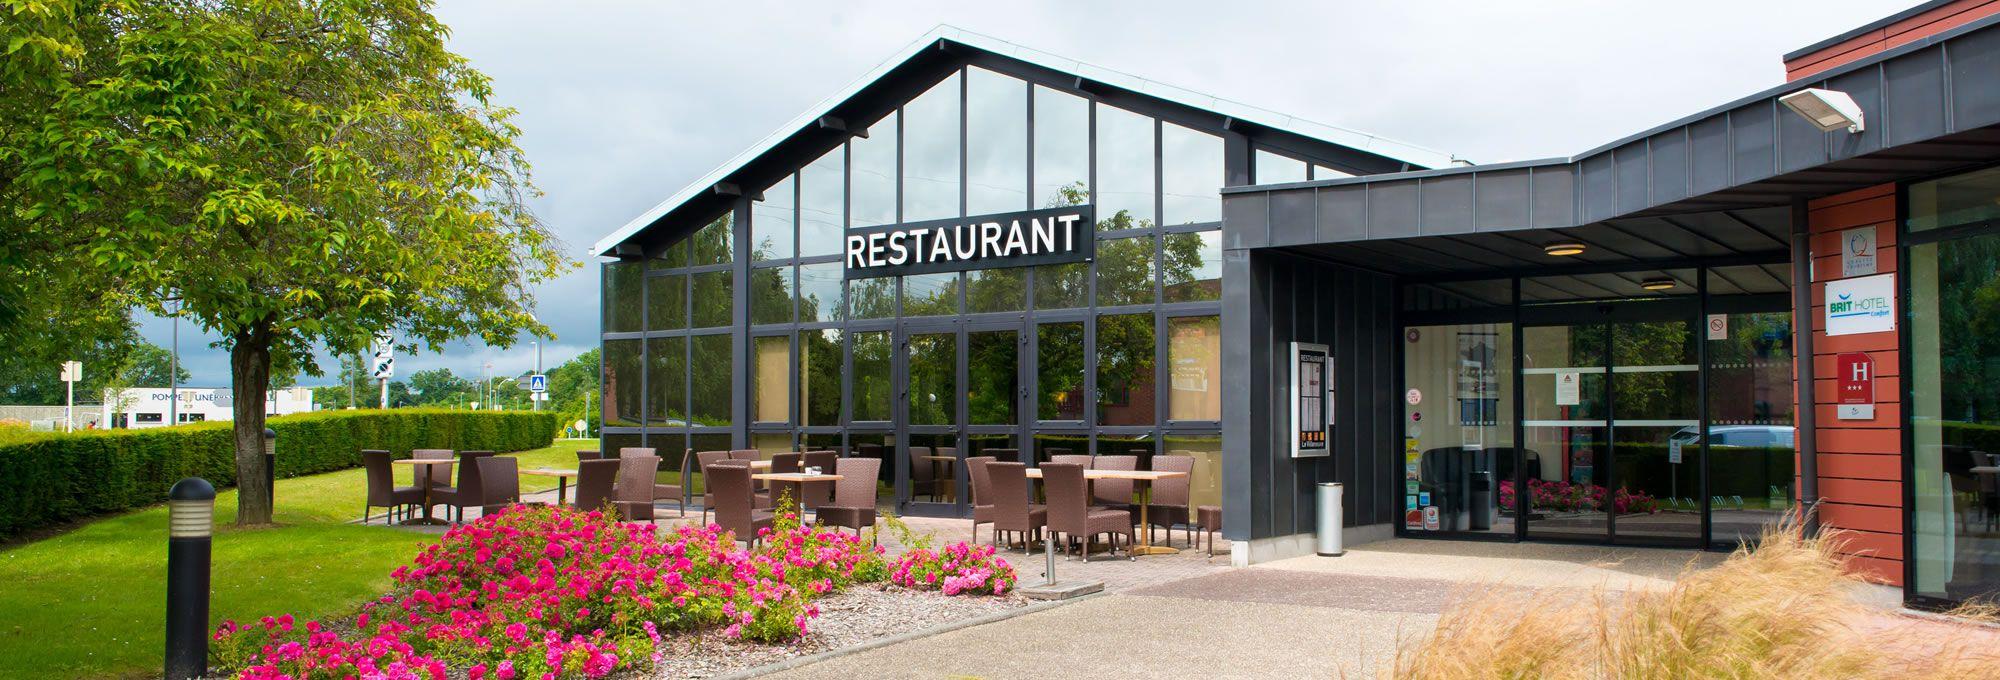 Easy access to the Brit Hotel de Rennes Saint Grégoire - Le